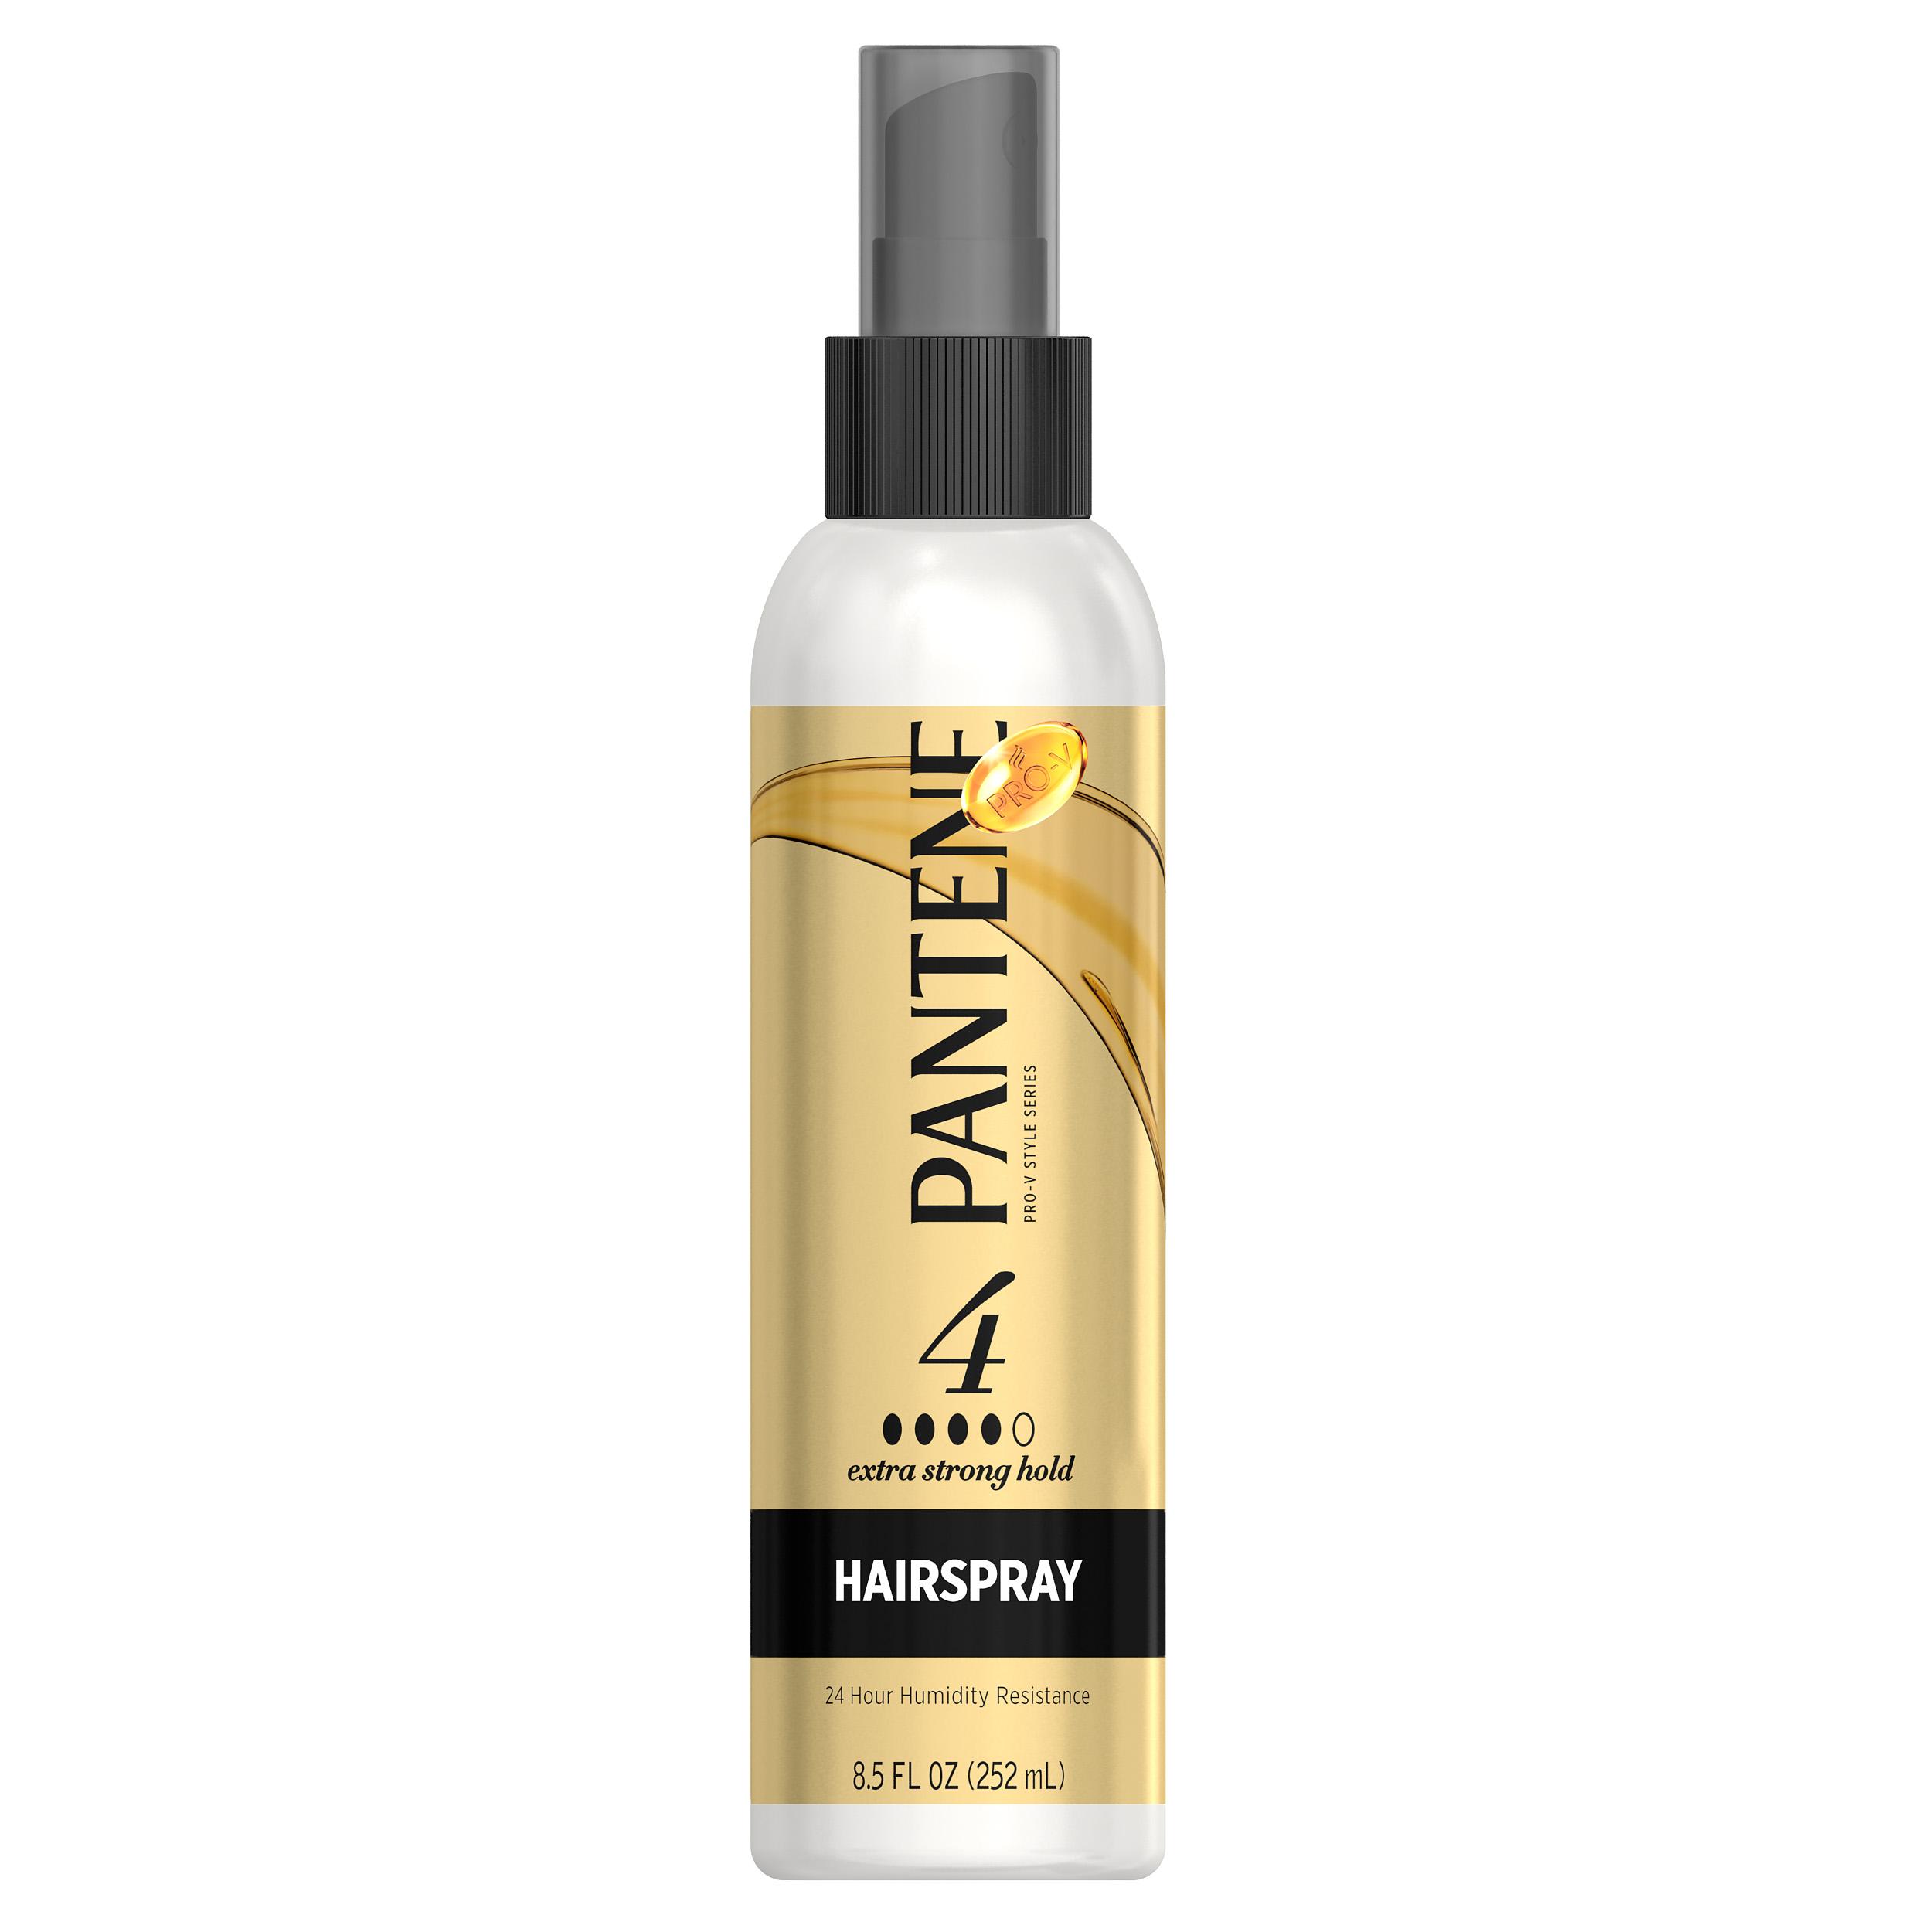 Pantene Non-Aerosol Hairspray Level 4